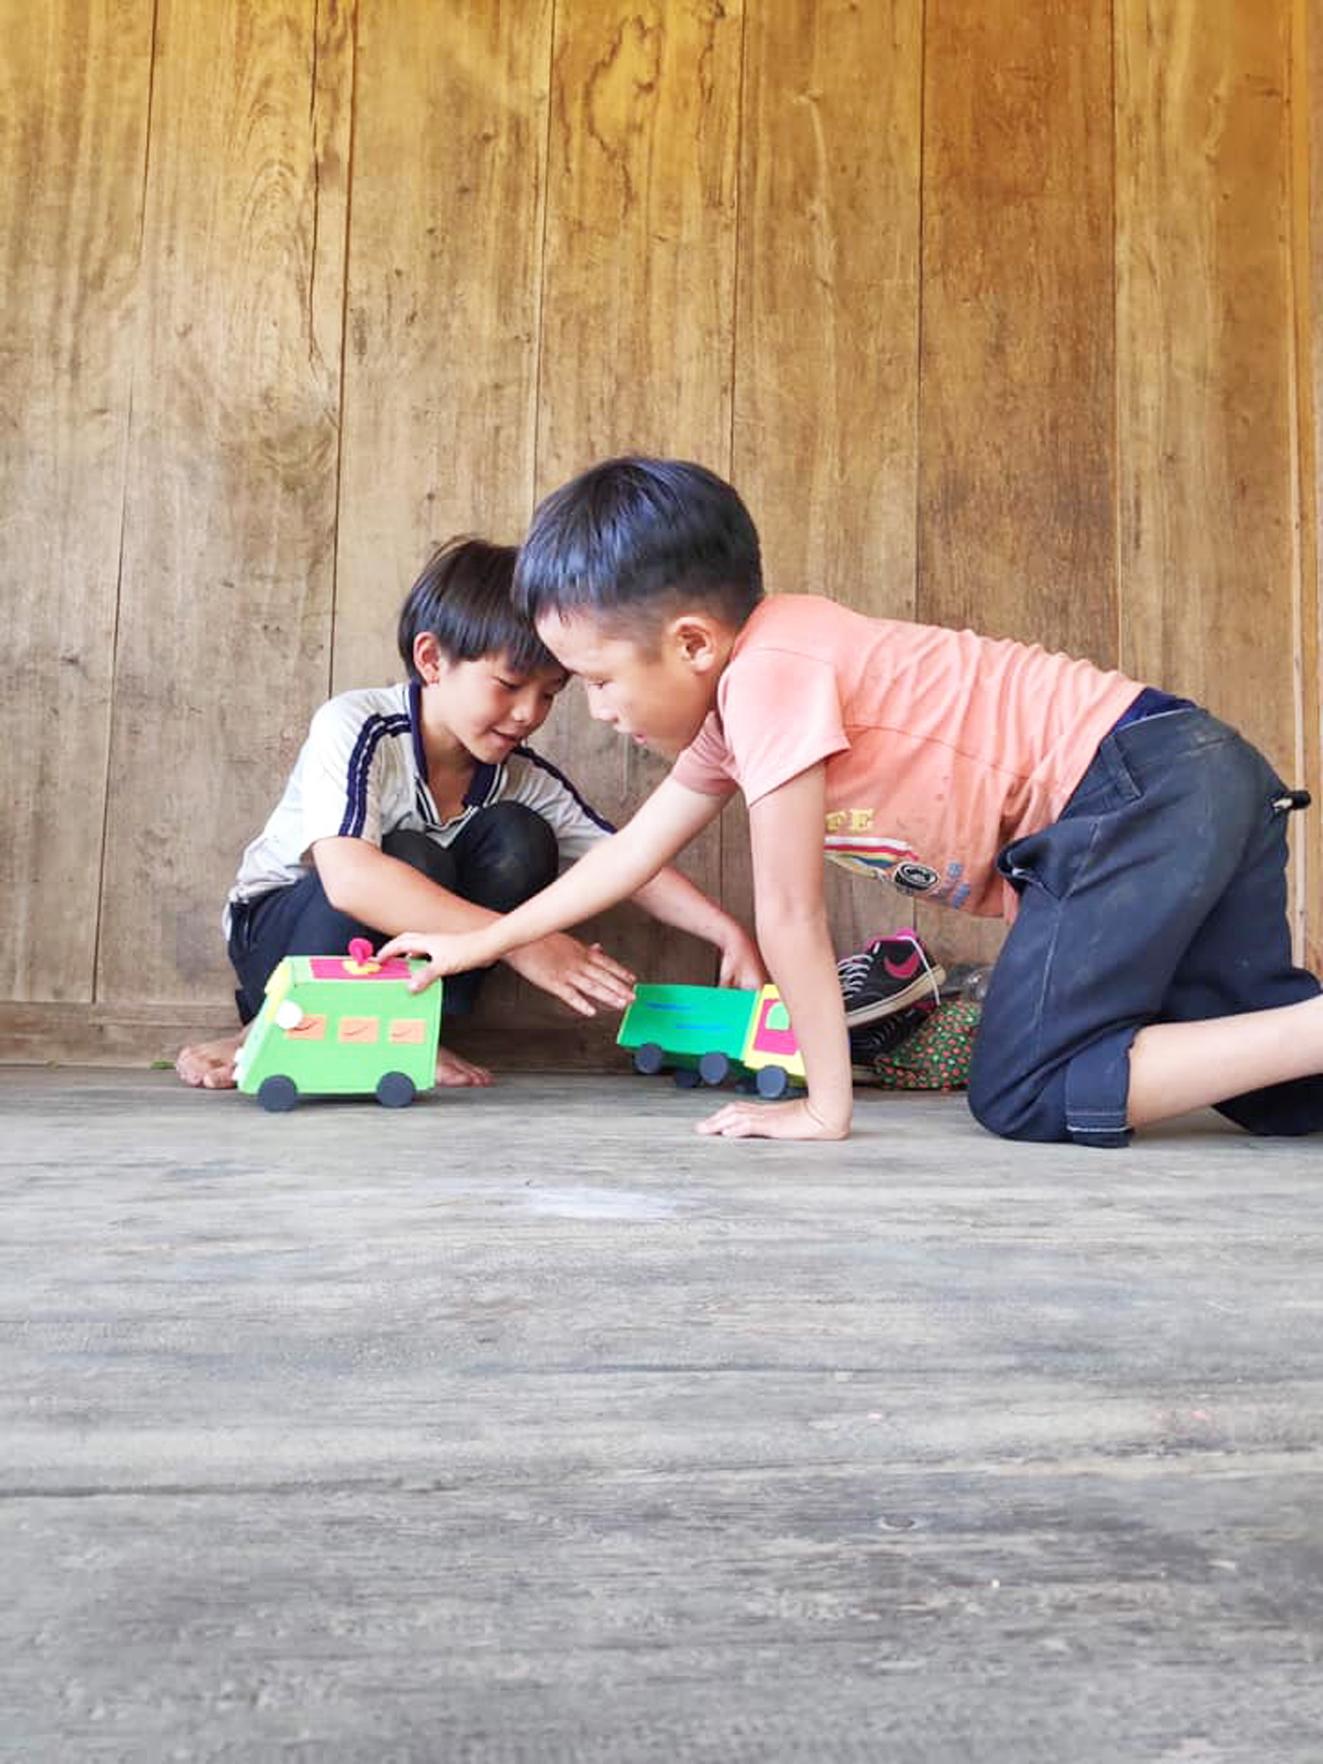 Học sinh ở Tây Bắc đang chơi đồ chơi thủ công do các cô giáo nhận tài trợ từ H.A.T làm tặng - ẢNH: NHÂN VẬT CUNG CẤP